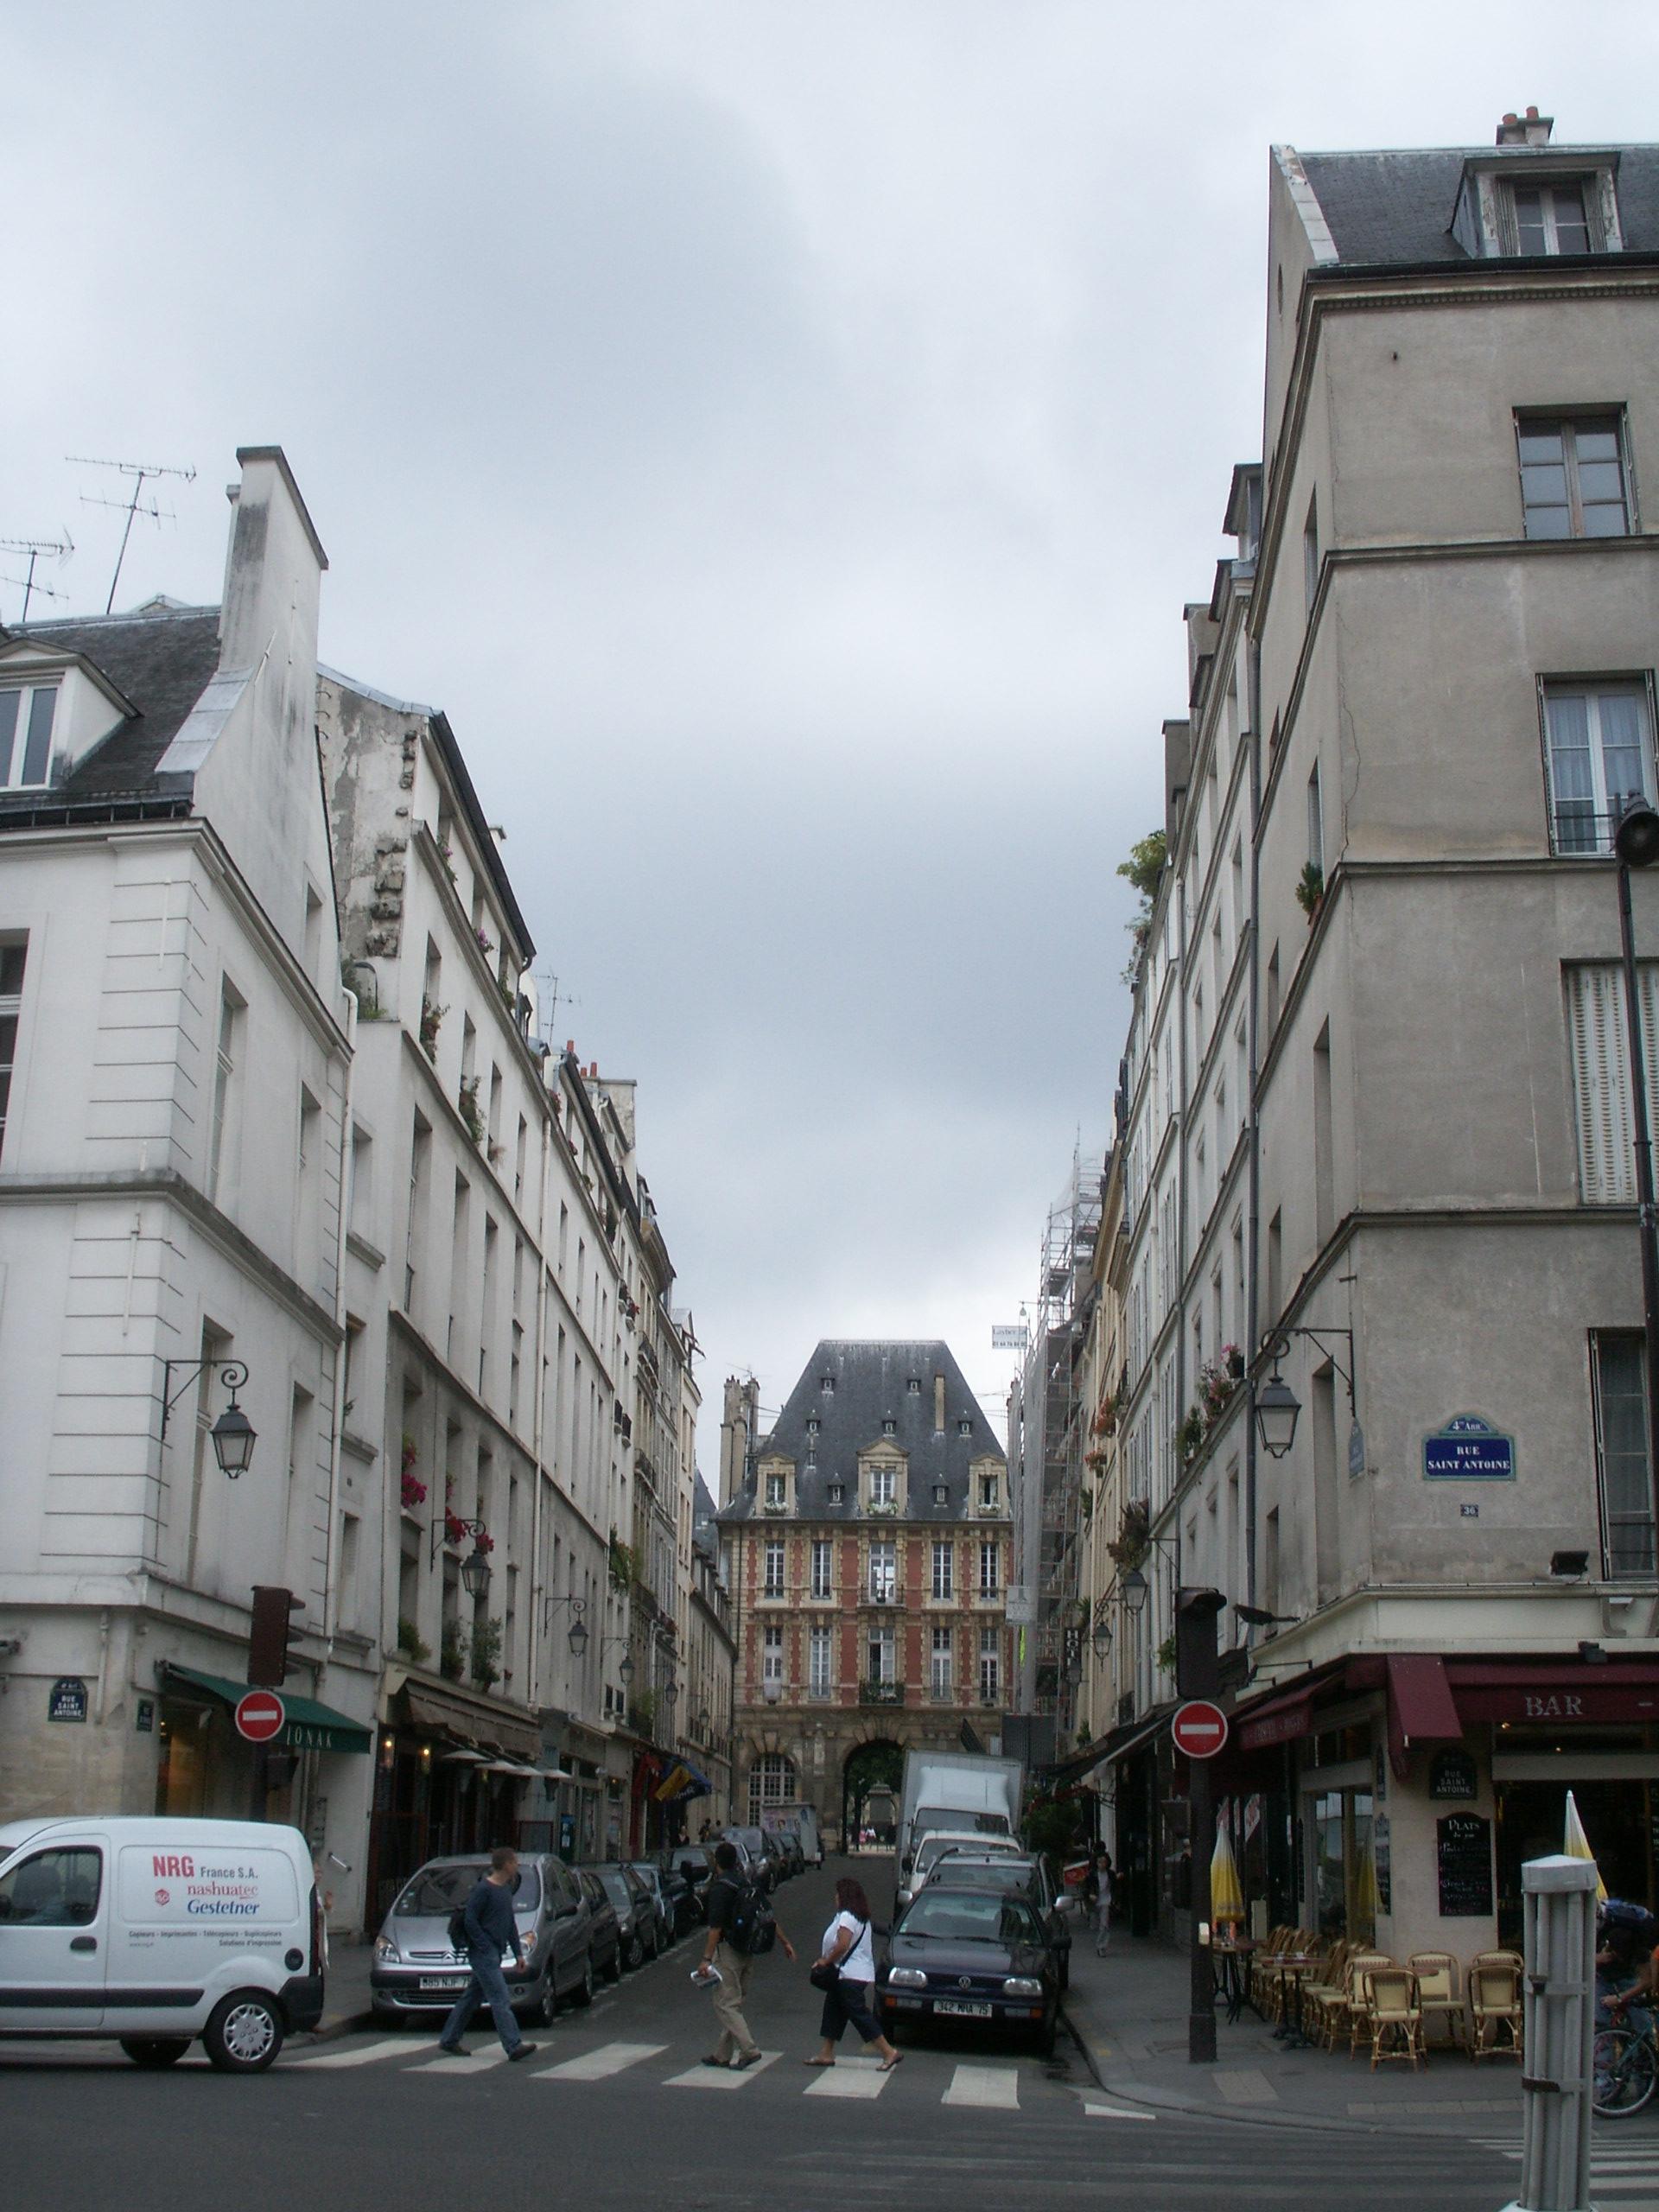 Rue De Clichy  Restaurant V Ef Bf Bdg Ef Bf Bdtarien